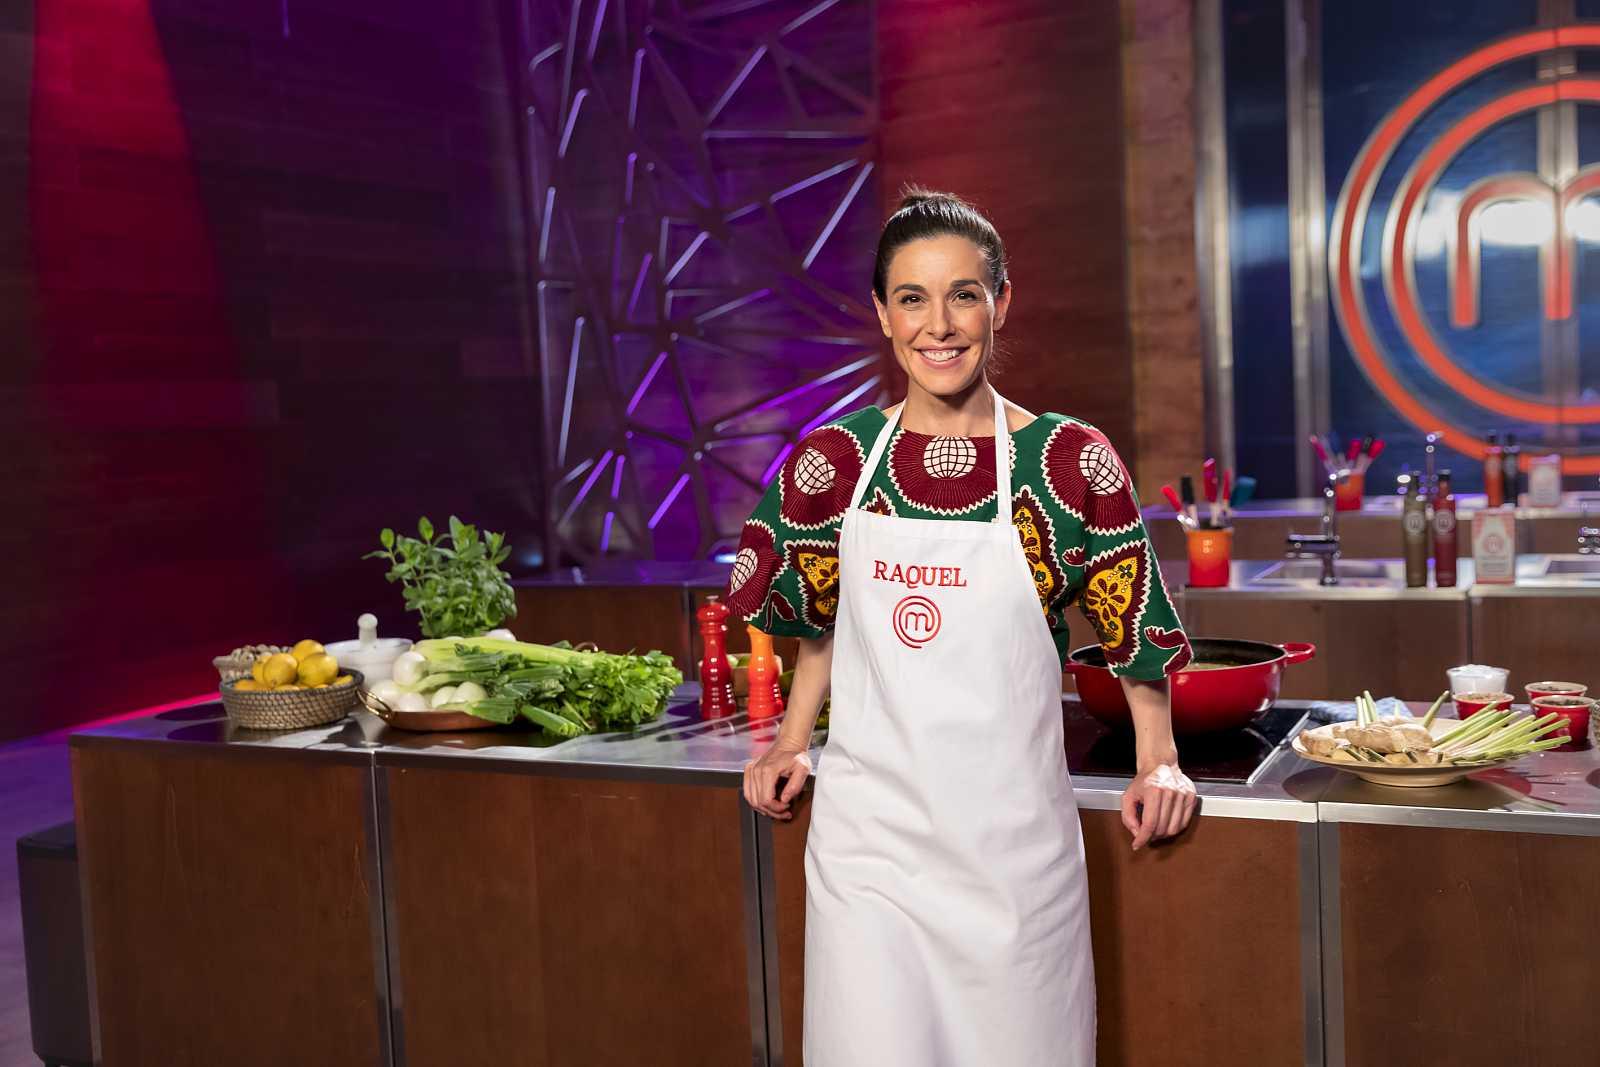 Raquel Sánchez Silva, concursante de Masterchef Celebrity 5